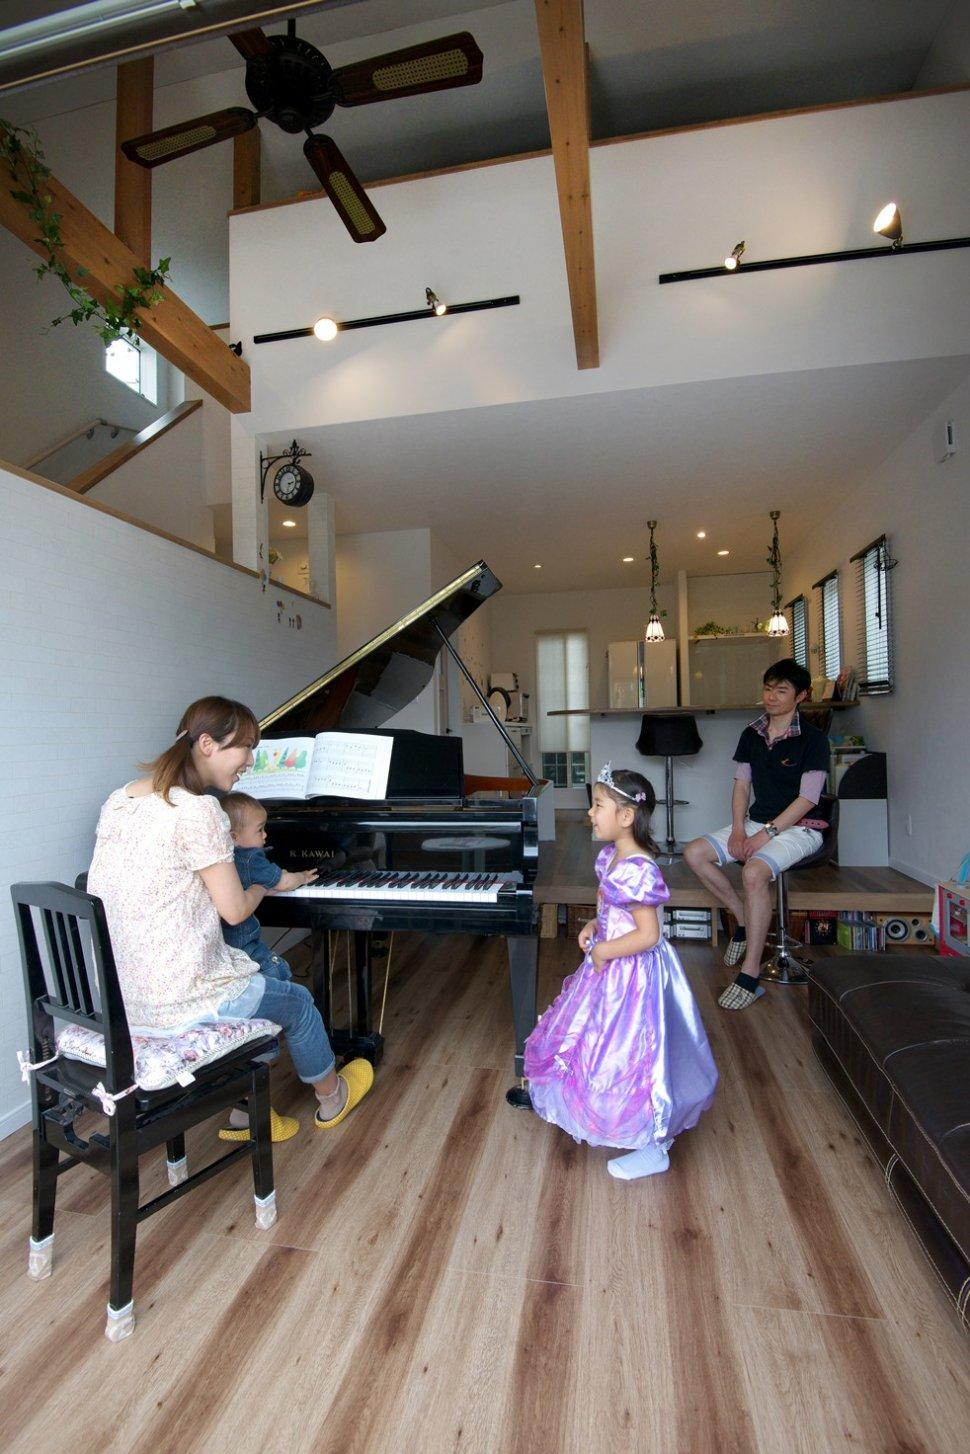 グランドピアノのあるリビング